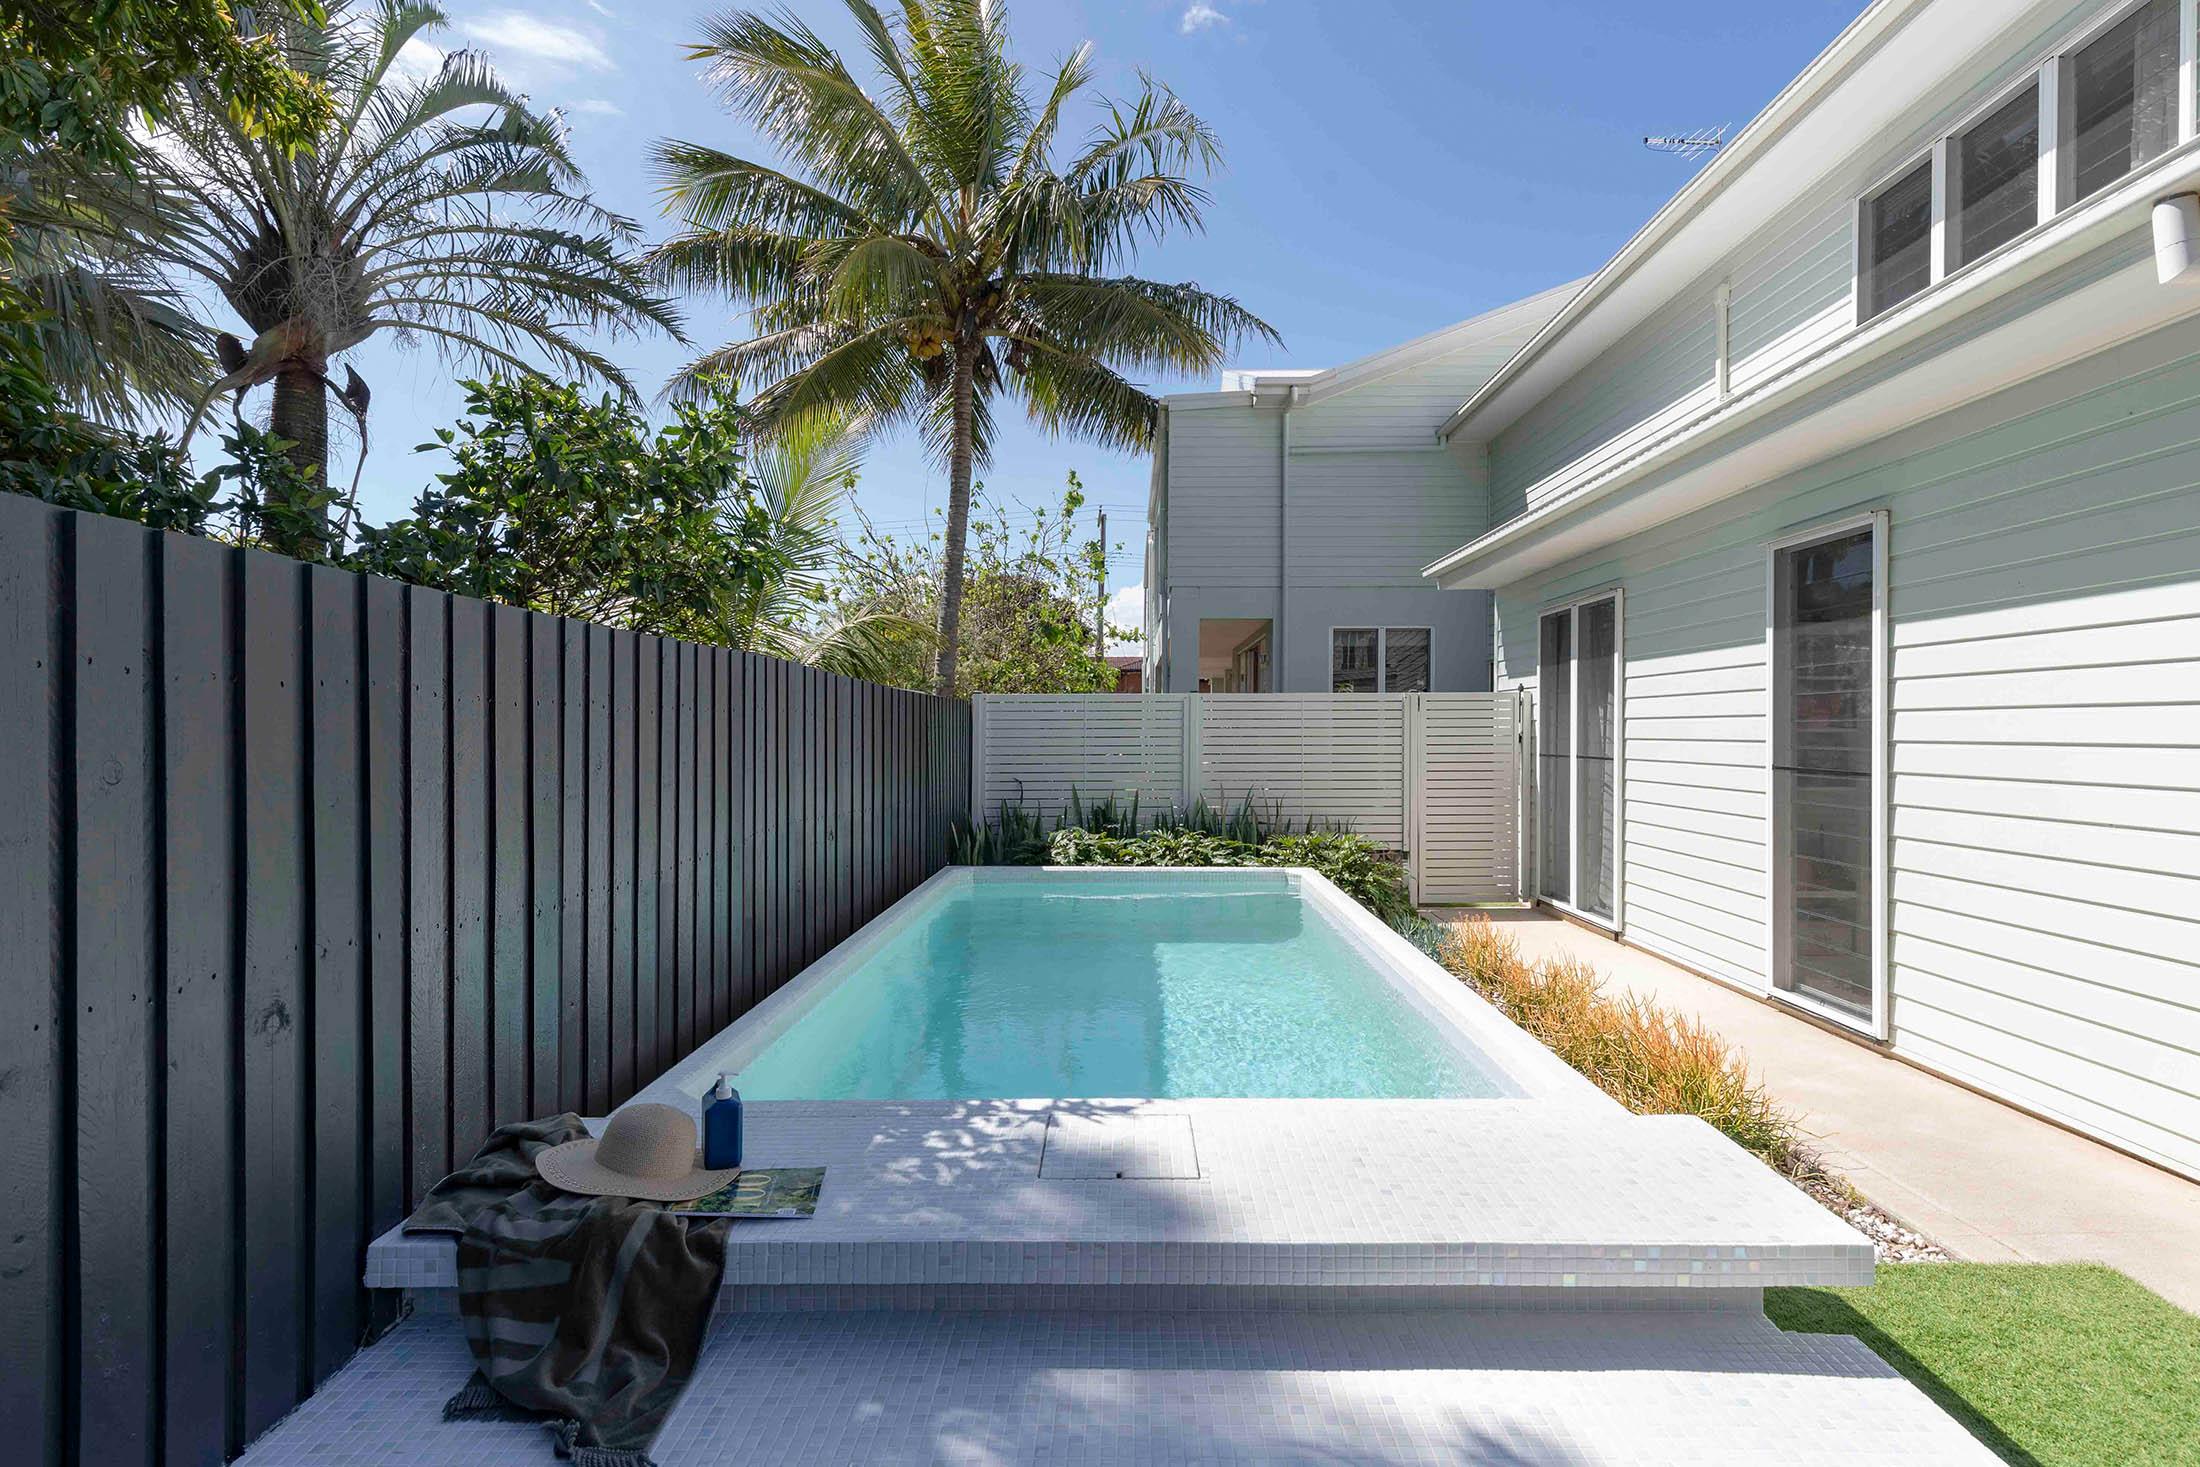 4.6m x 2.5m Plungie Original Concrete Plunge Pool in Kona Coast